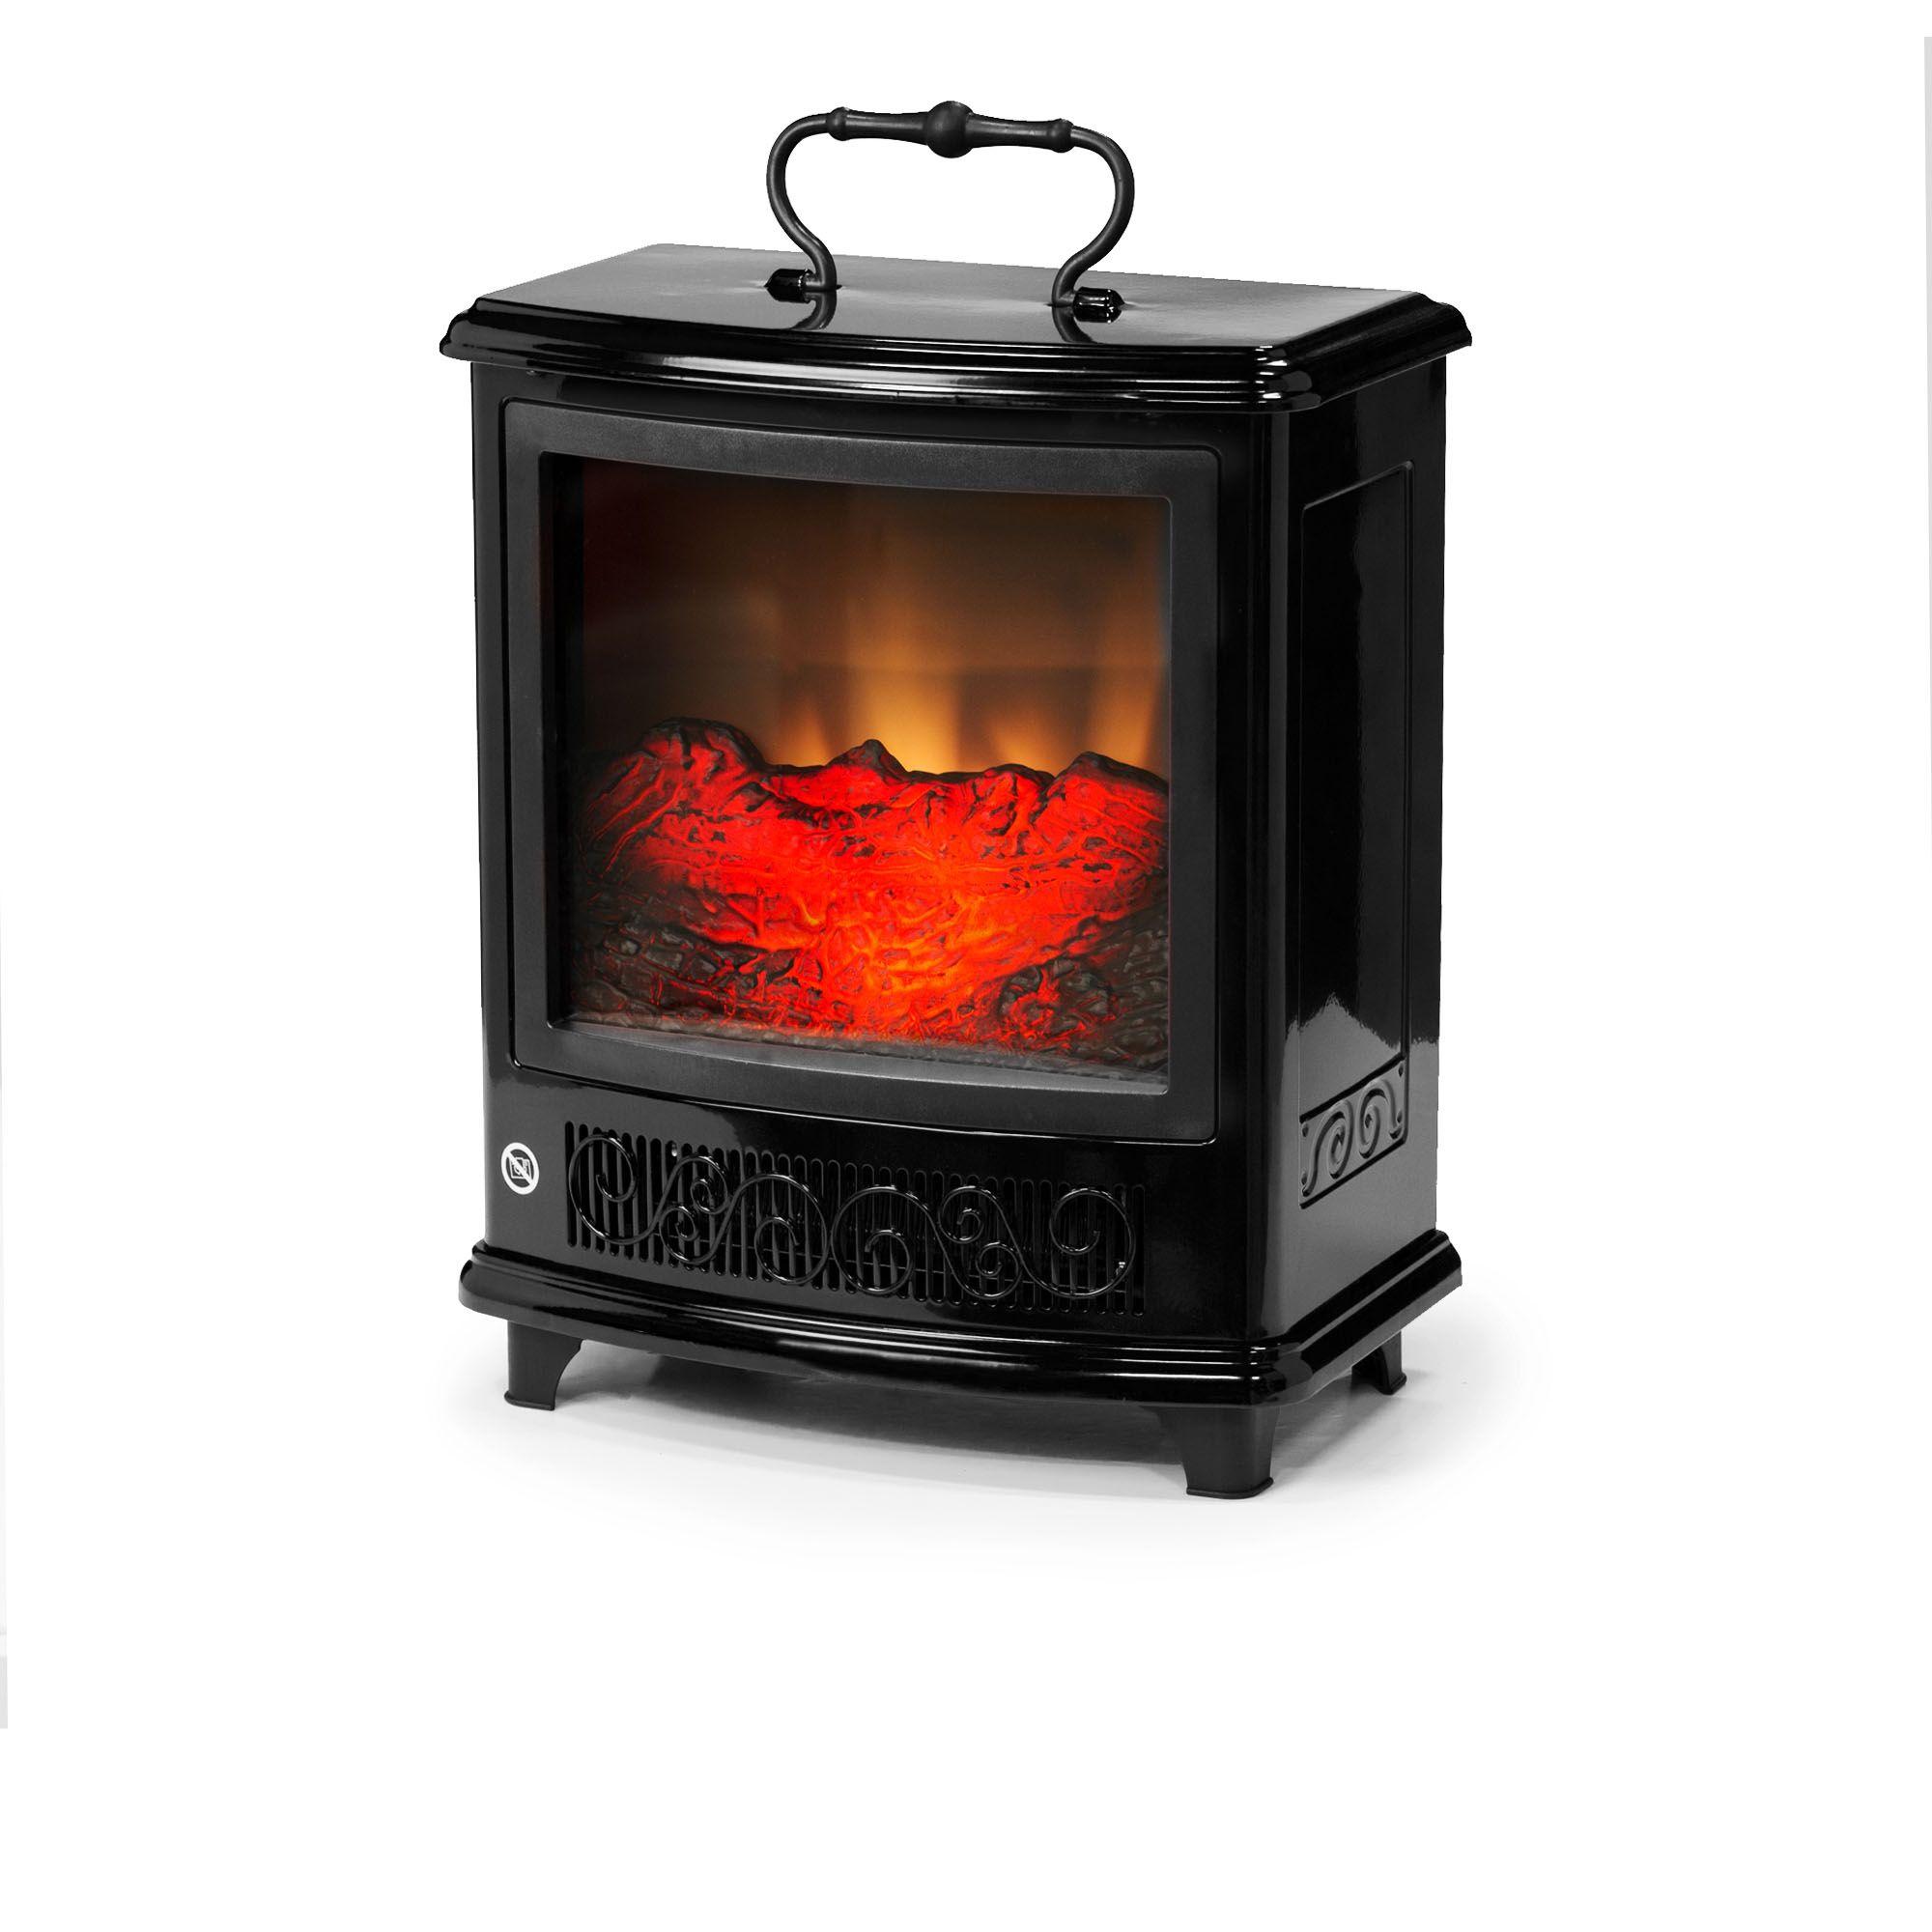 Stufa elettrica a infrarossi max 1800W 33x21x37cm PowerHeat Comparatore prezzi